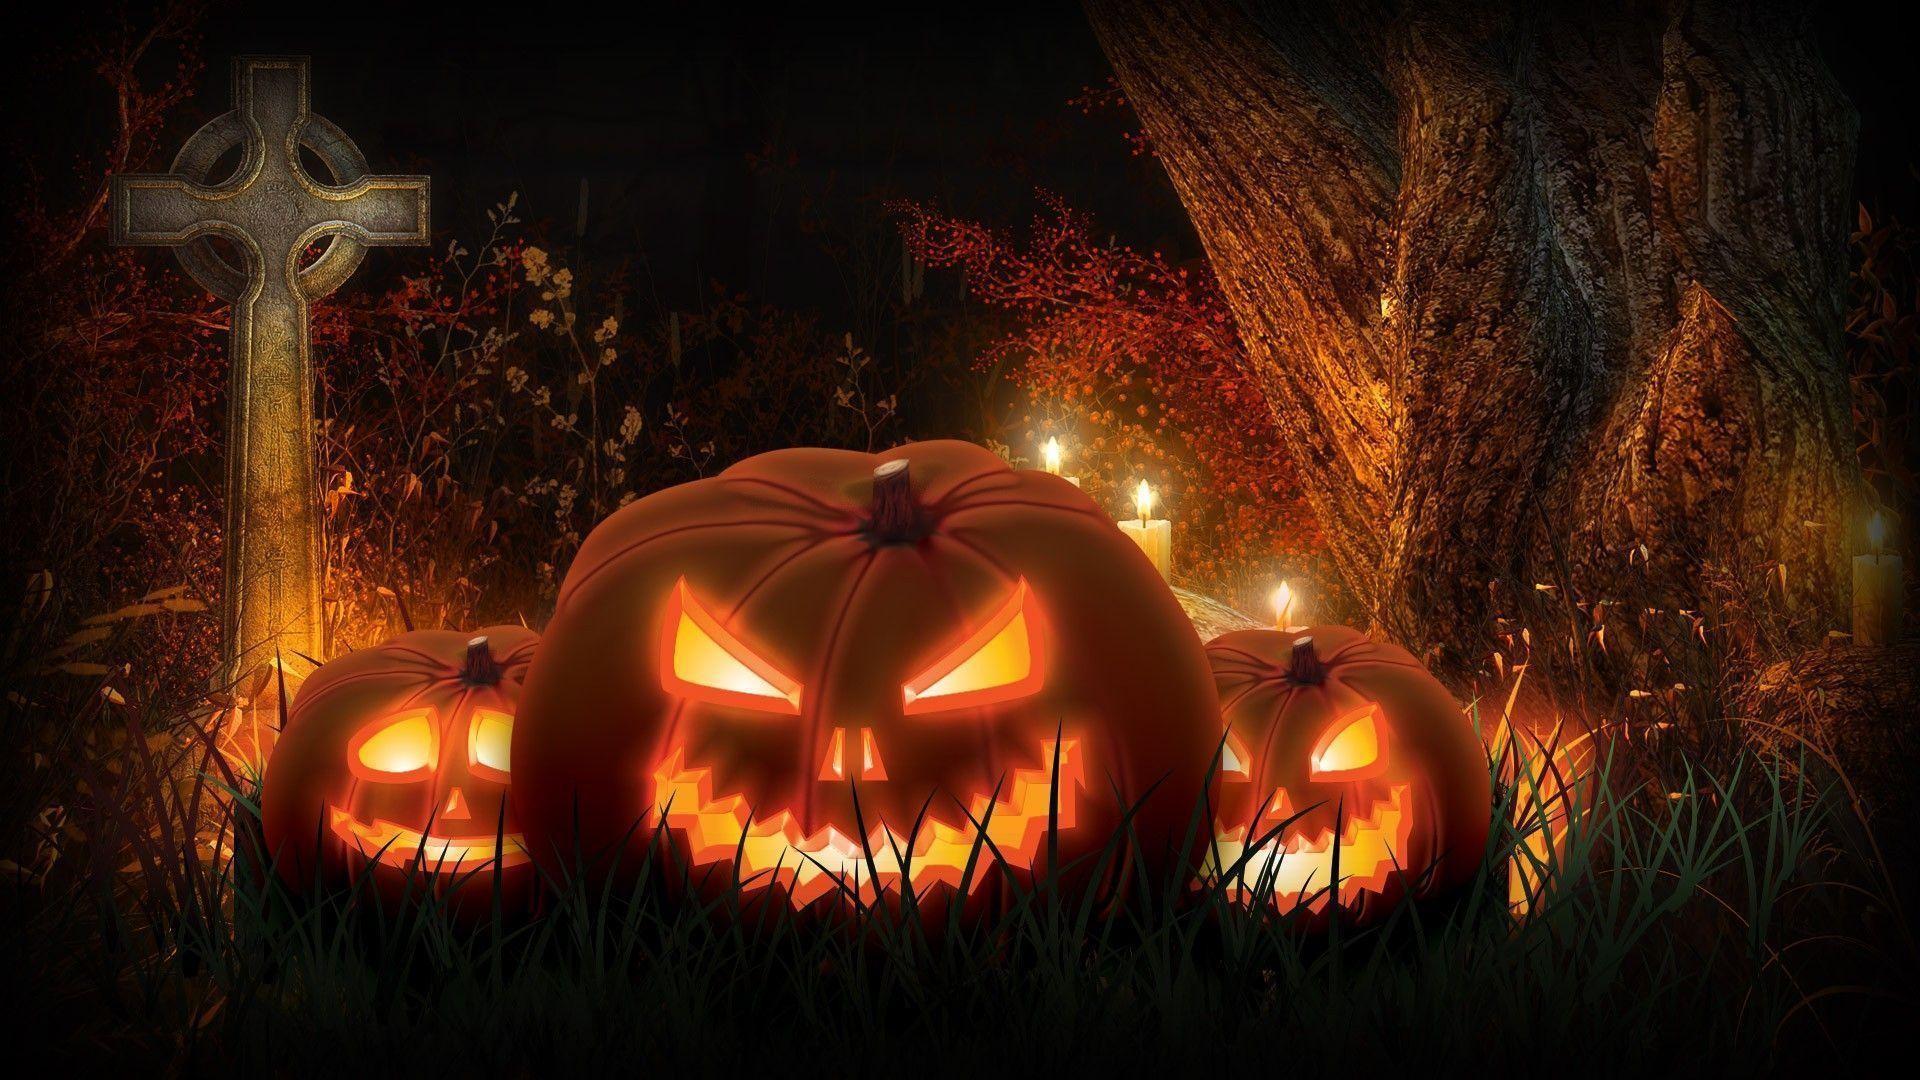 67 675781 scary halloween pumpkin wallpaper 1080p happy halloween desktop